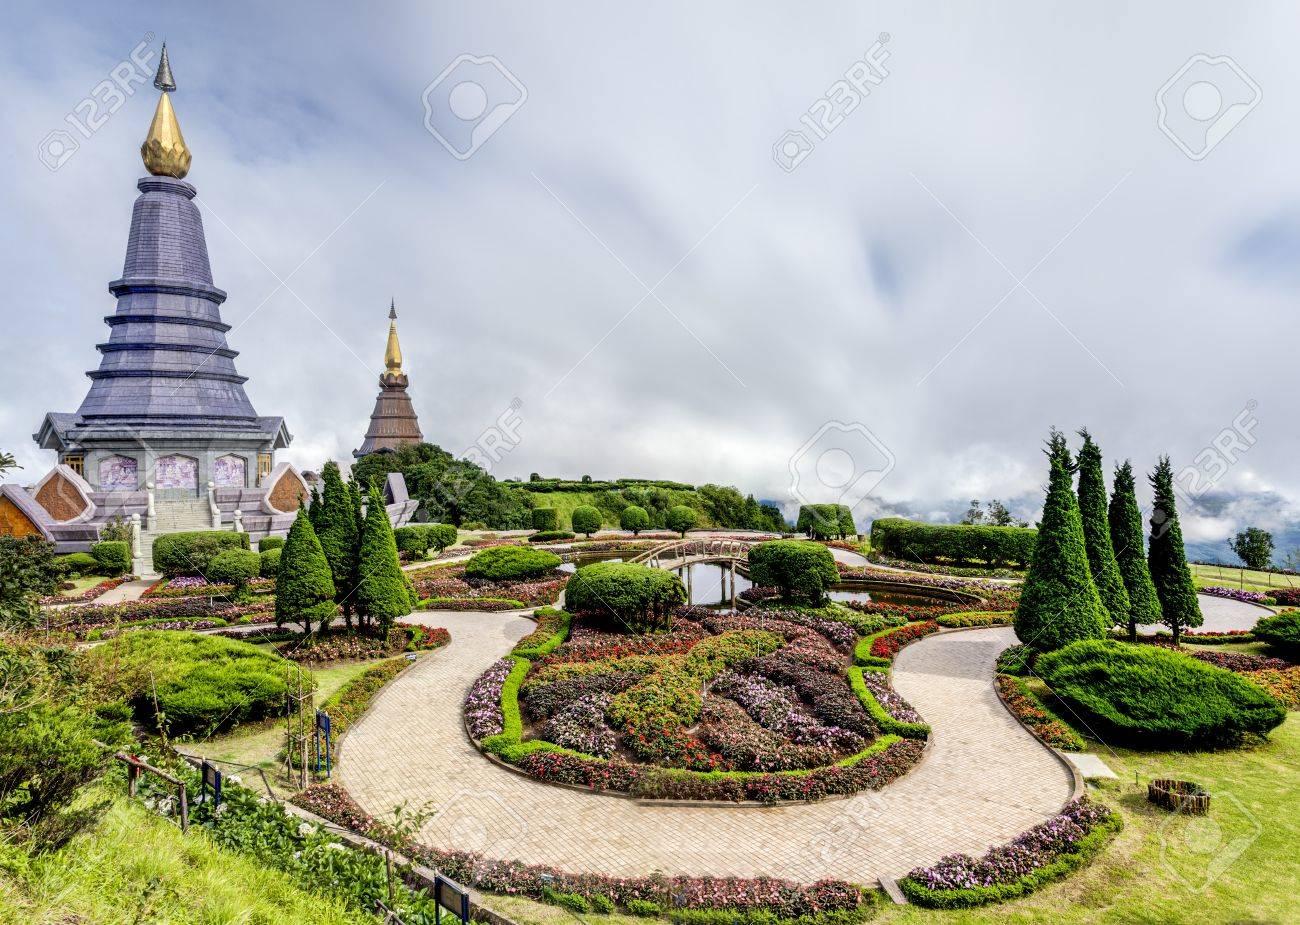 Landscape of Two pagoda at Doi Inthanon, chiangmai - Thailand Stock Photo - 21825432